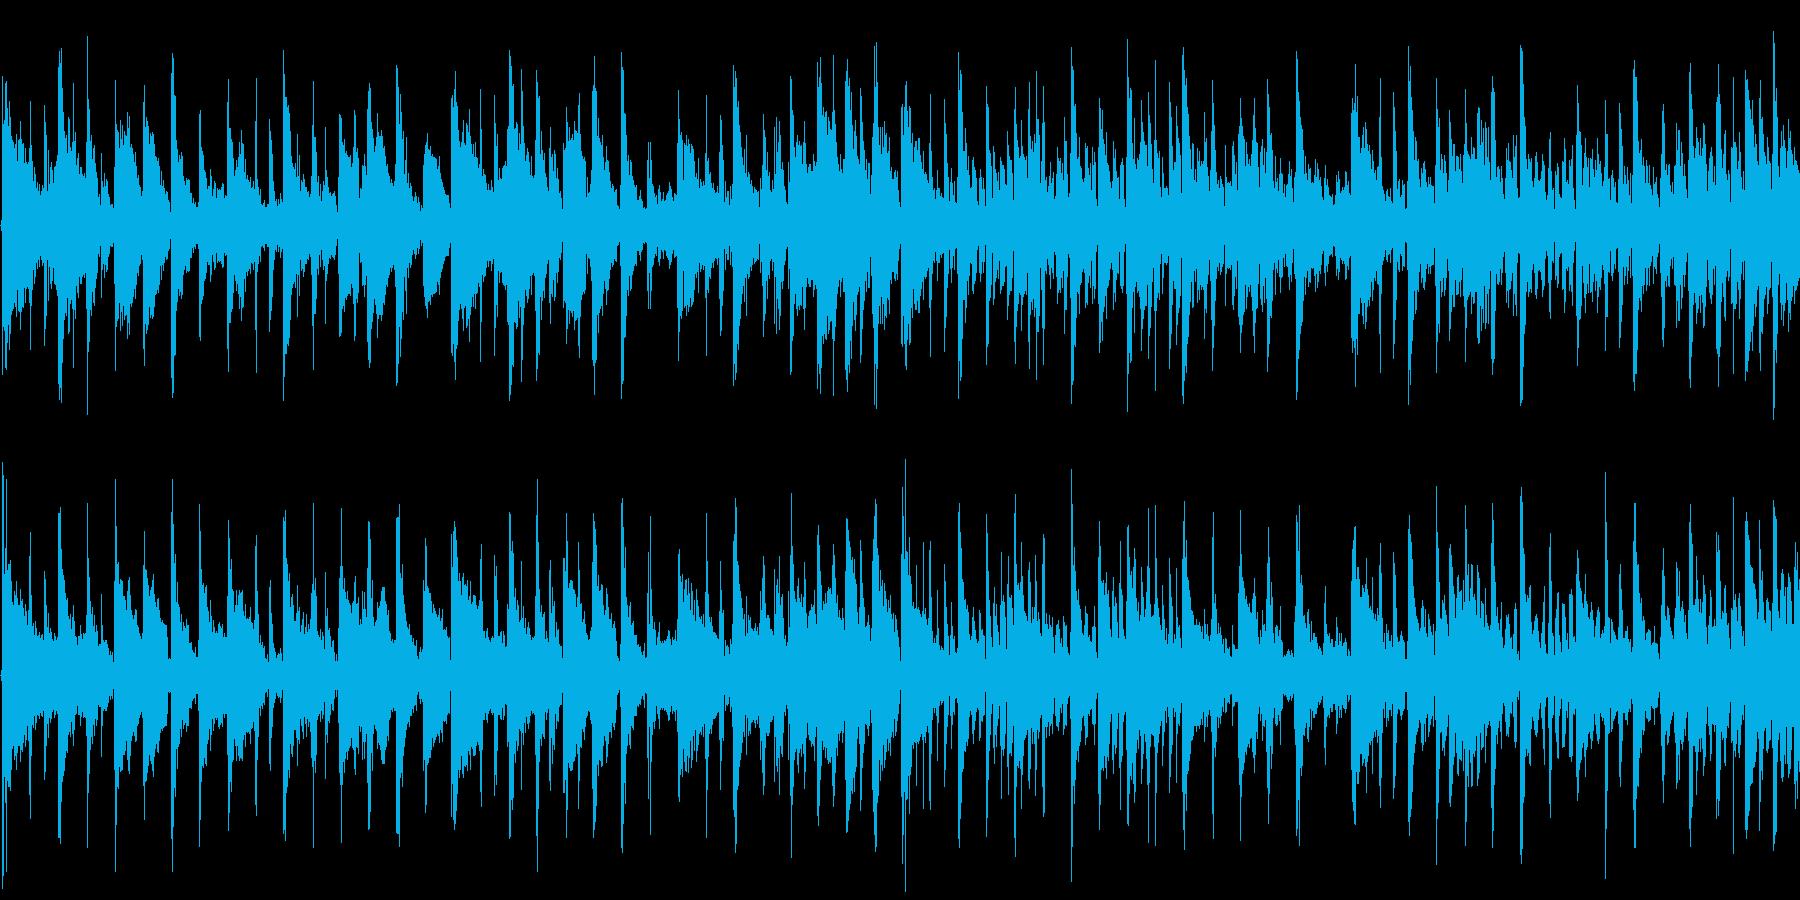 【ロマンチック/エレクトロ/JAZZ】の再生済みの波形